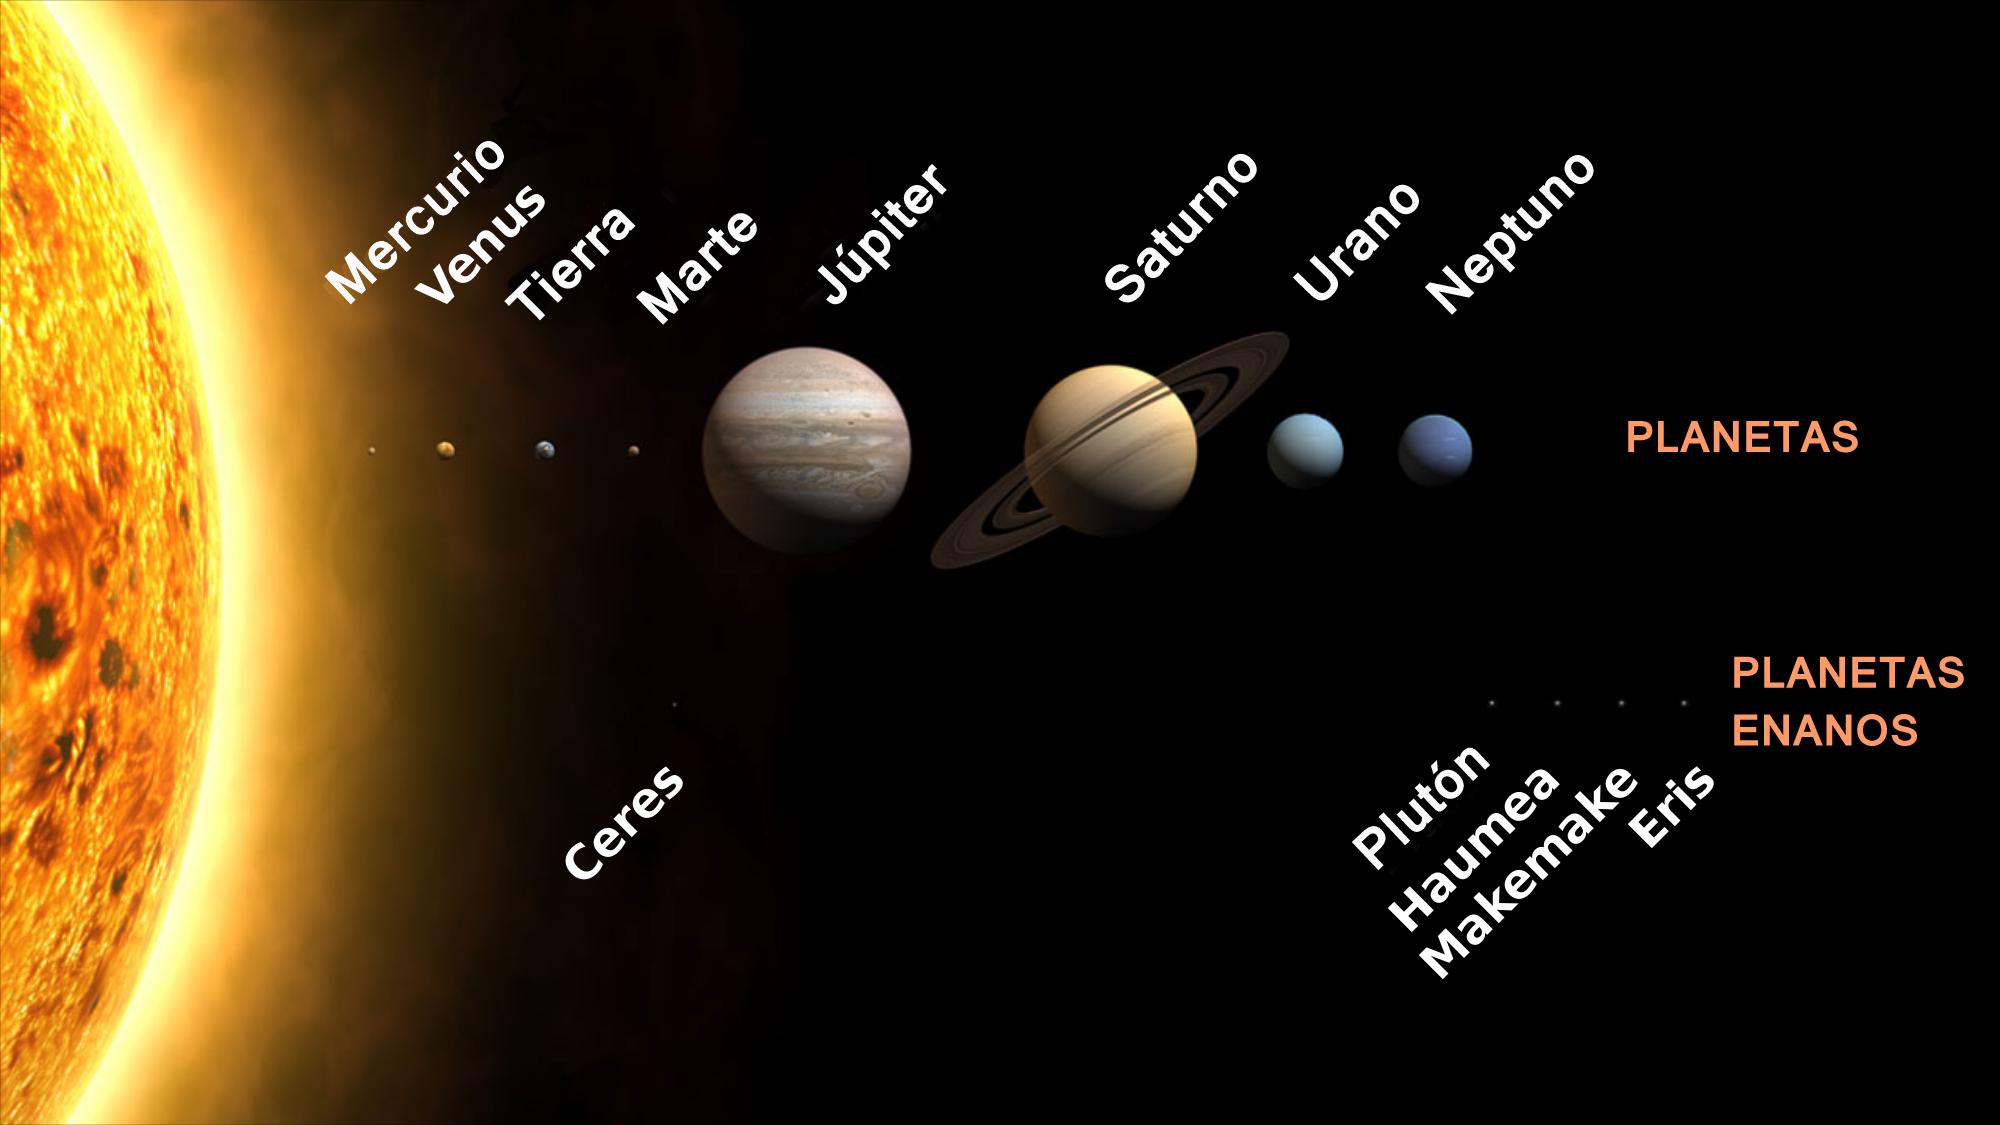 Mercuri i Ceres, dos desconeguts… fins ara